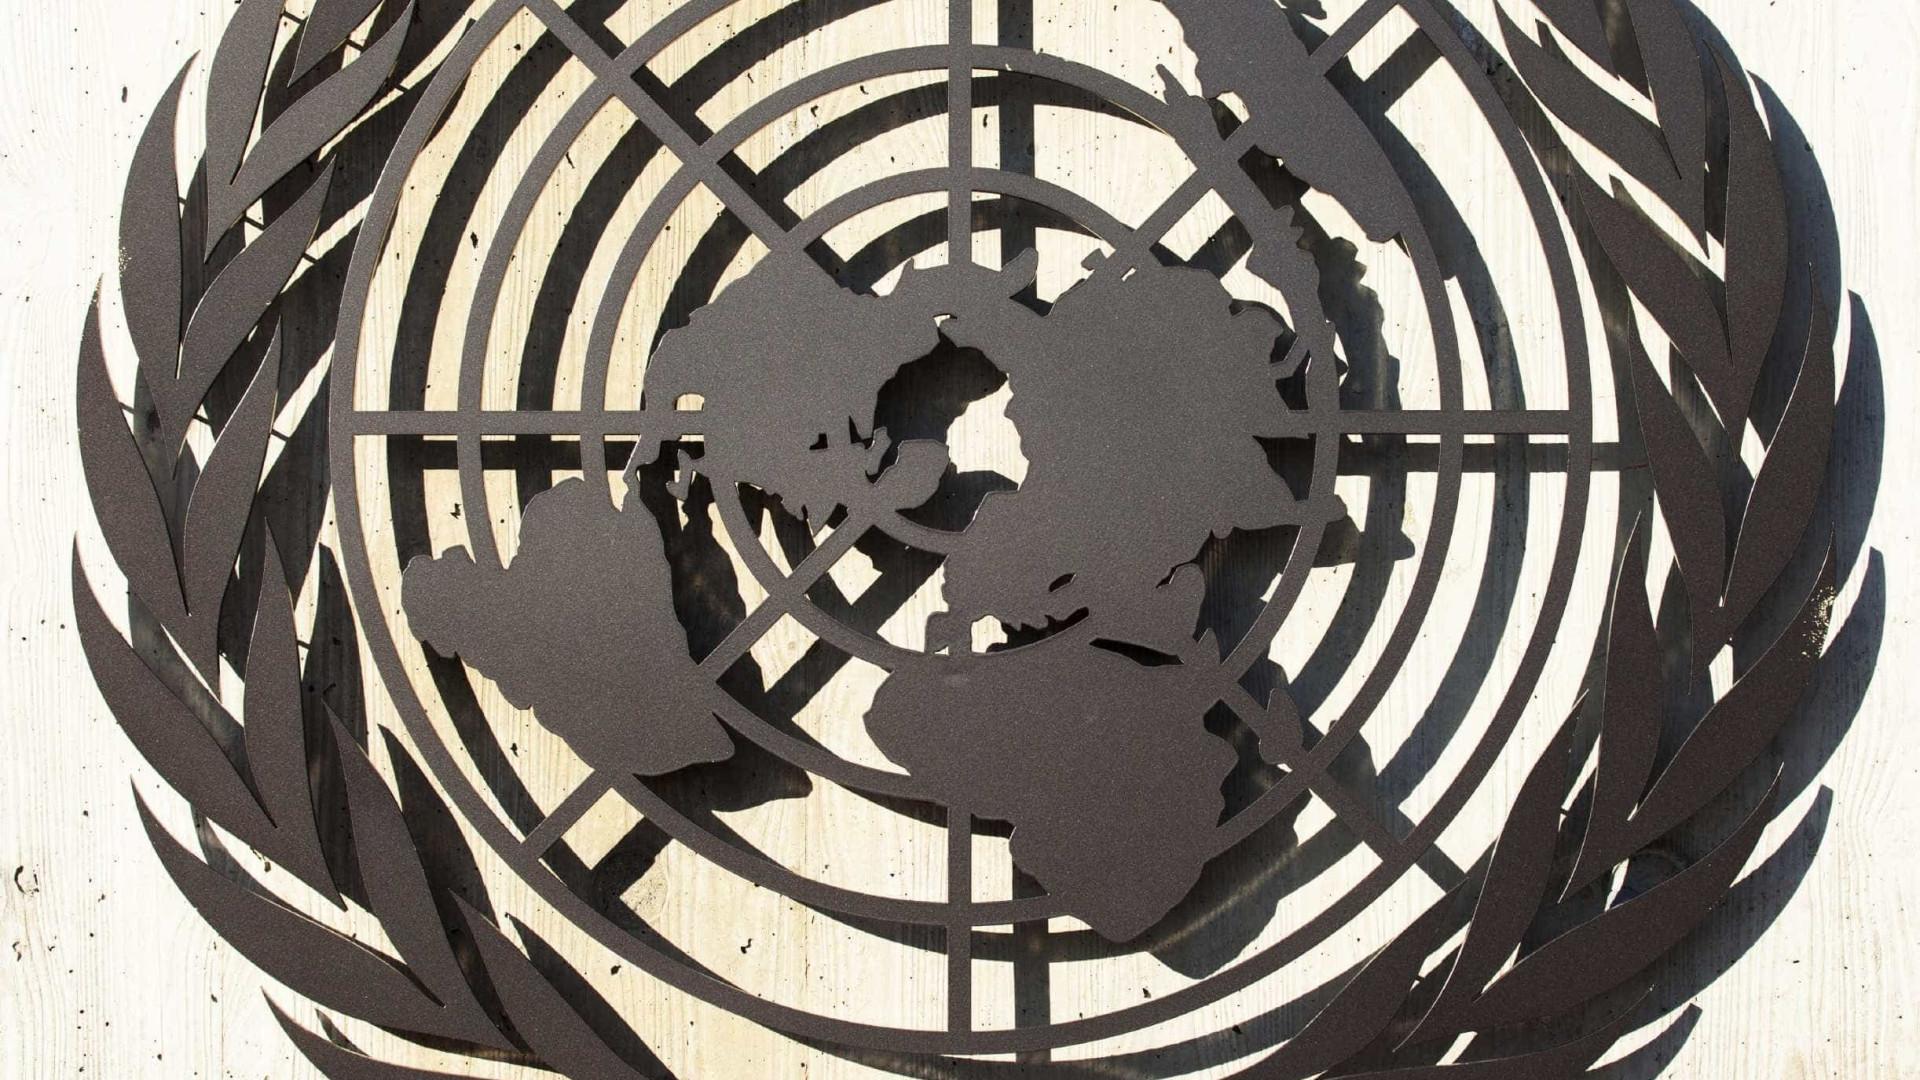 Timor-Leste continua com problemas alimentares apesar de melhoria